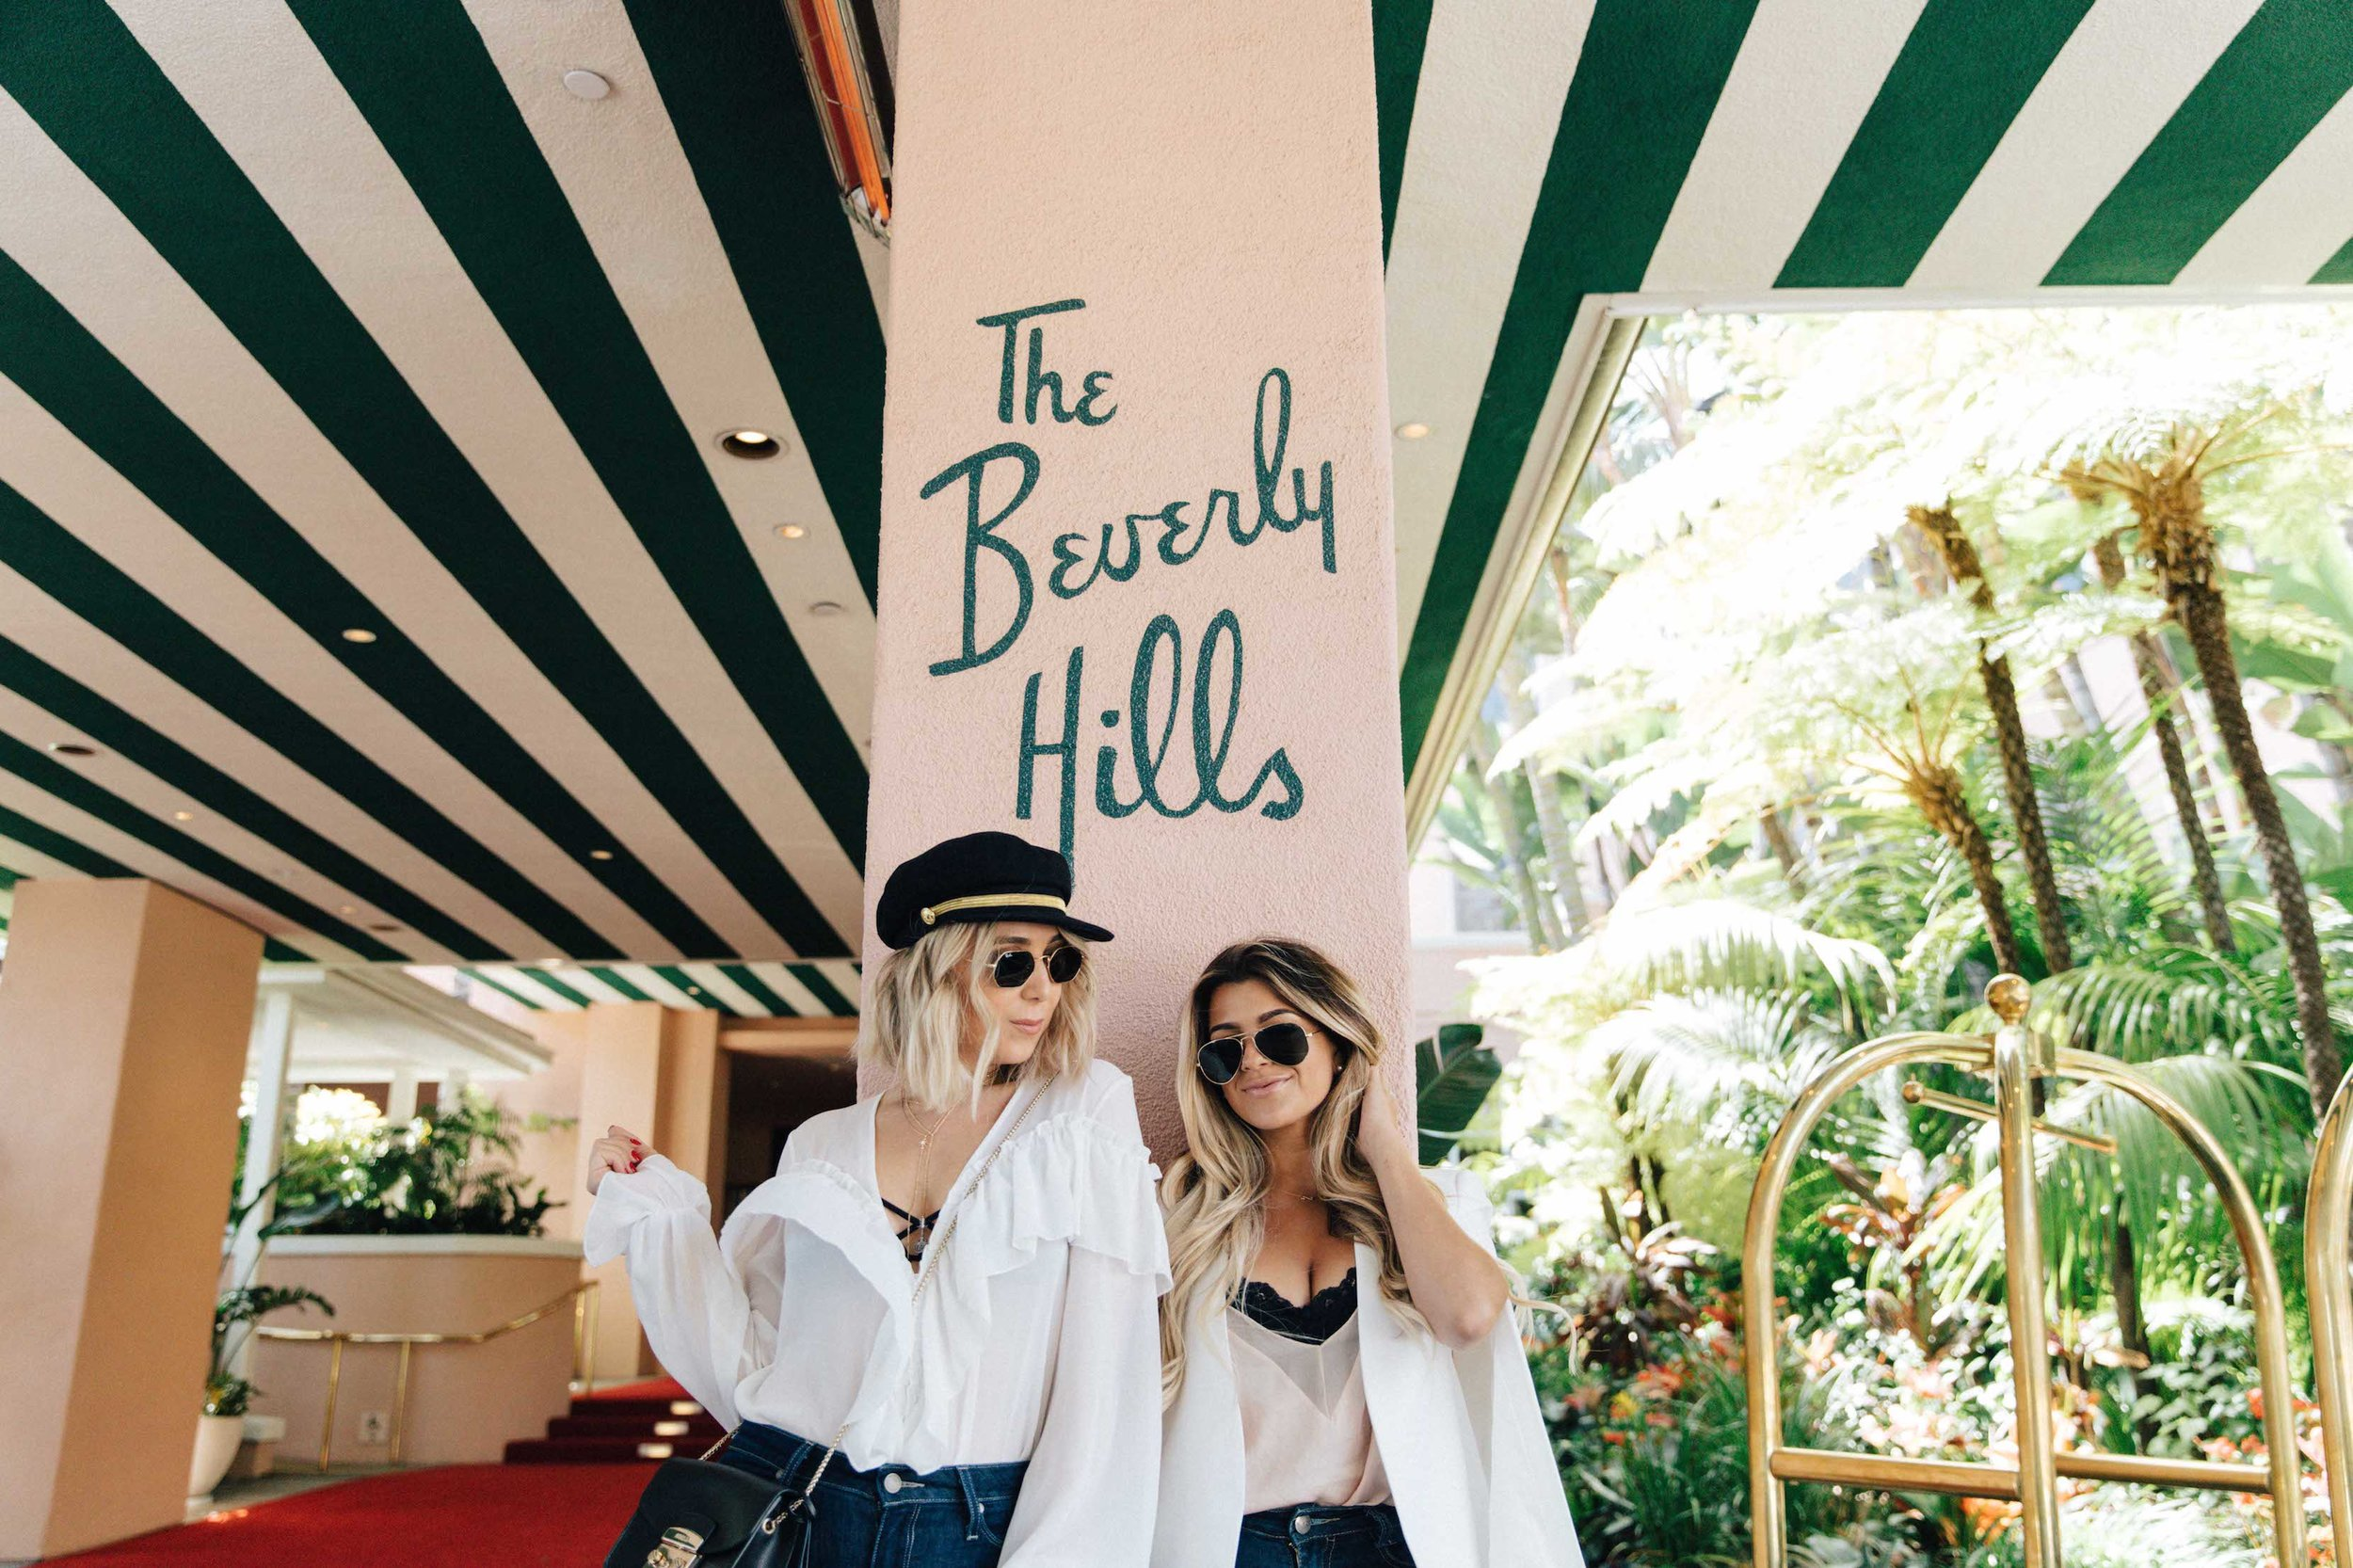 Instagrammy-hotels-los-angeles.jpg